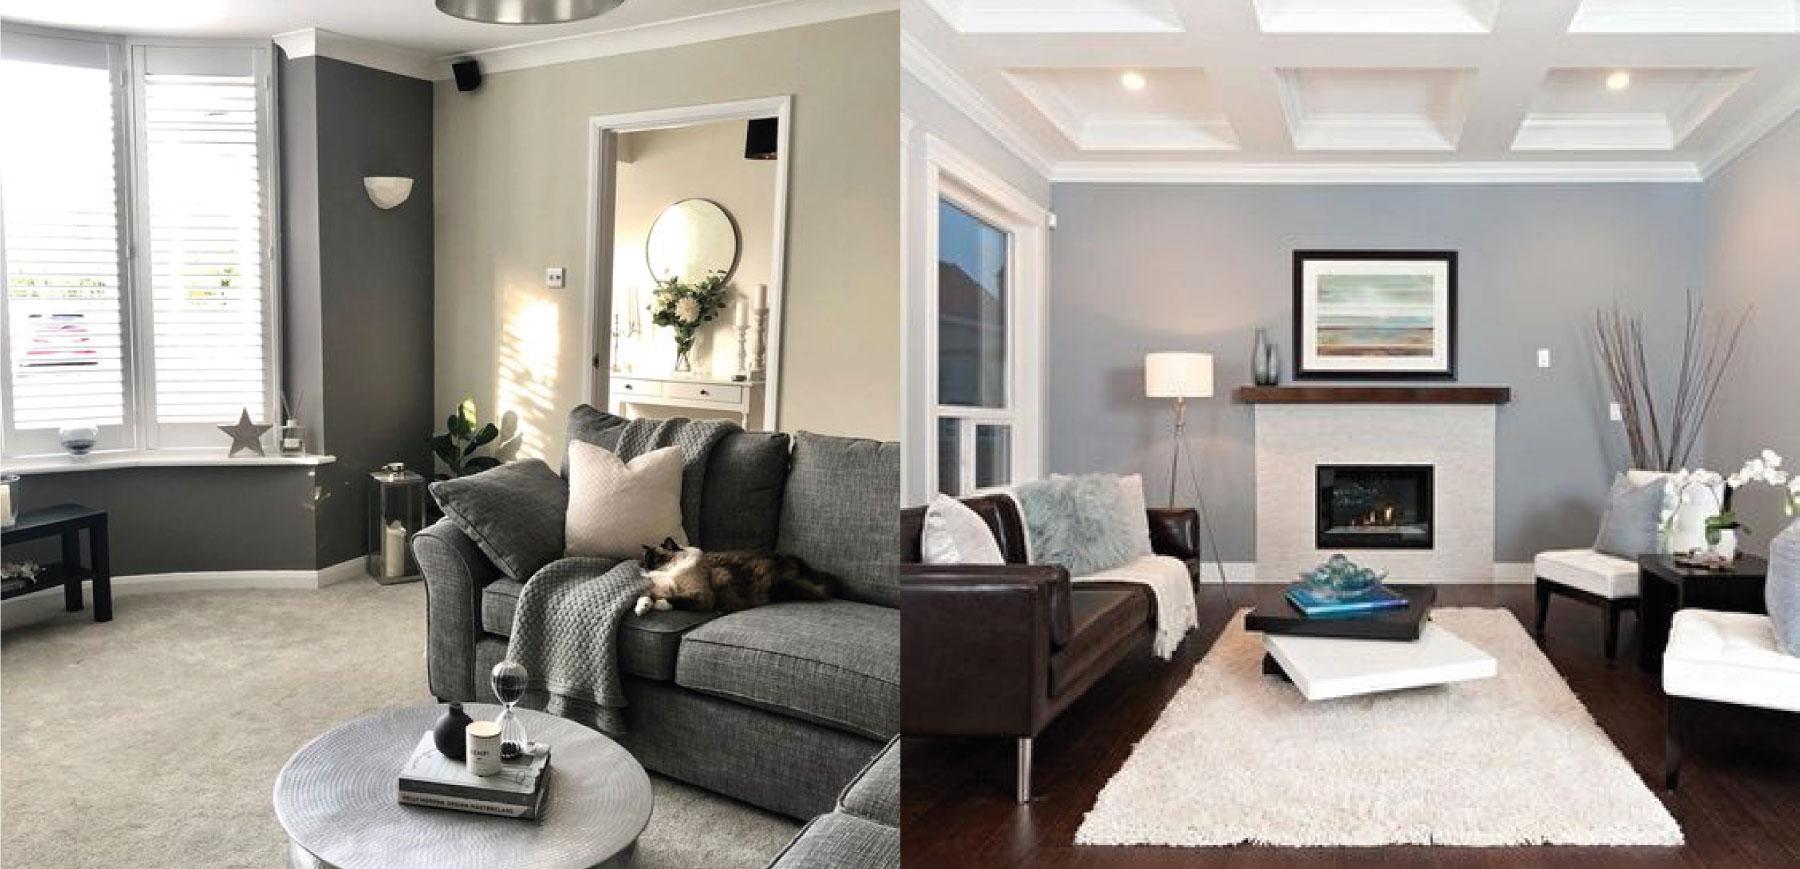 grey walls in properties